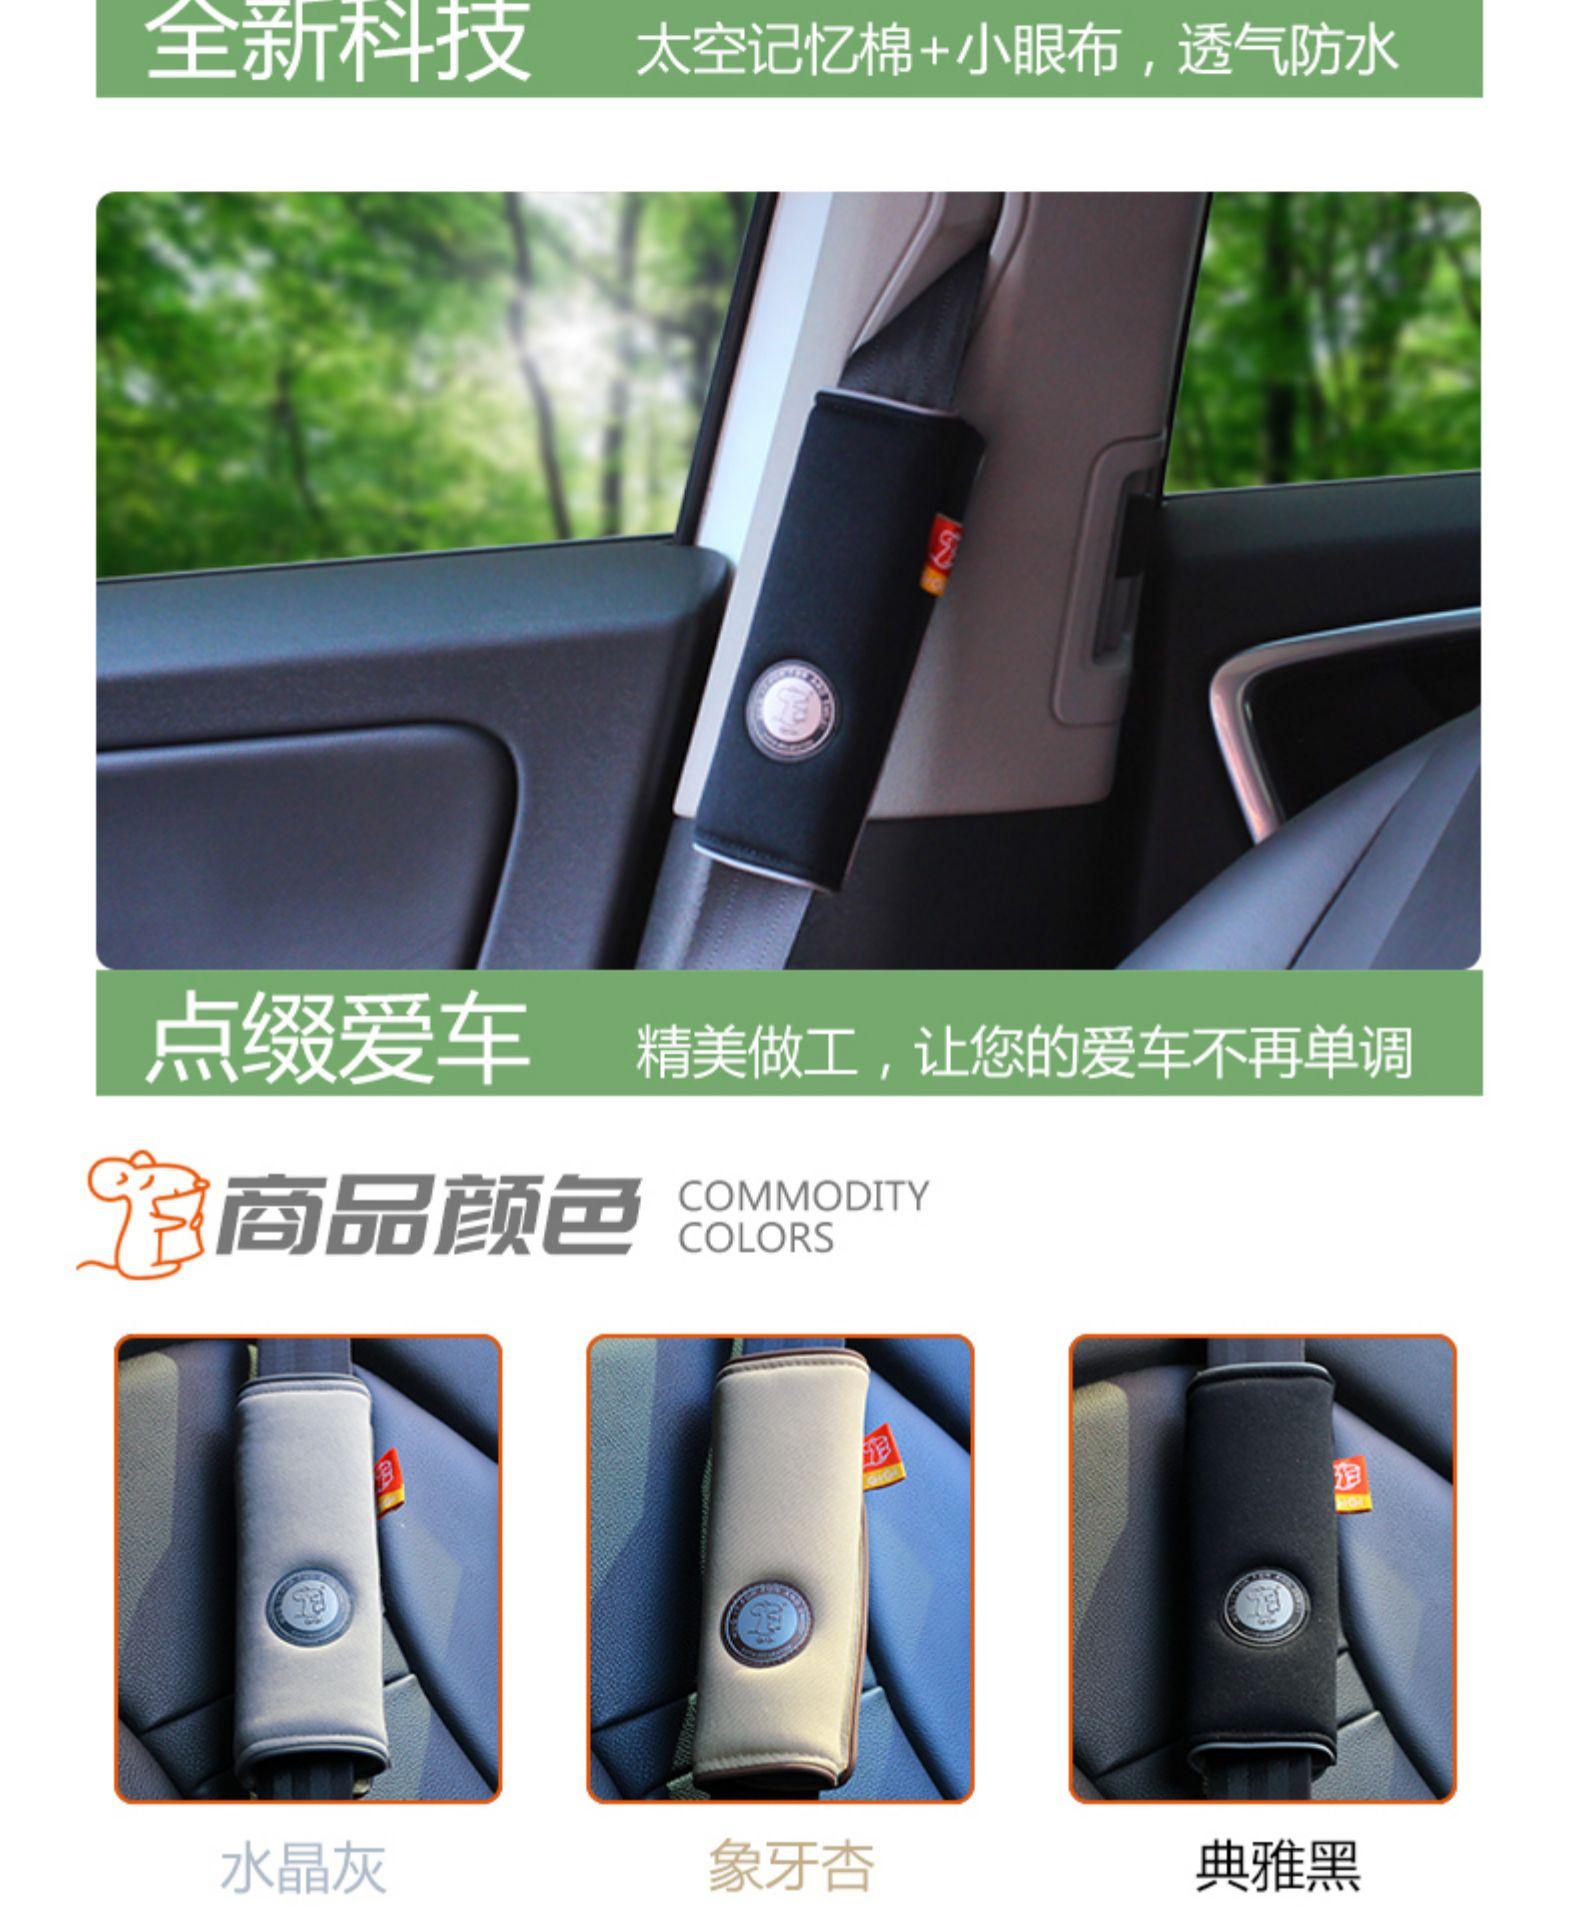 安全帶套 GiGi 汽車安全帶護肩套 加長 車用安全帶套對裝 汽車用品記憶棉【居家夫人】